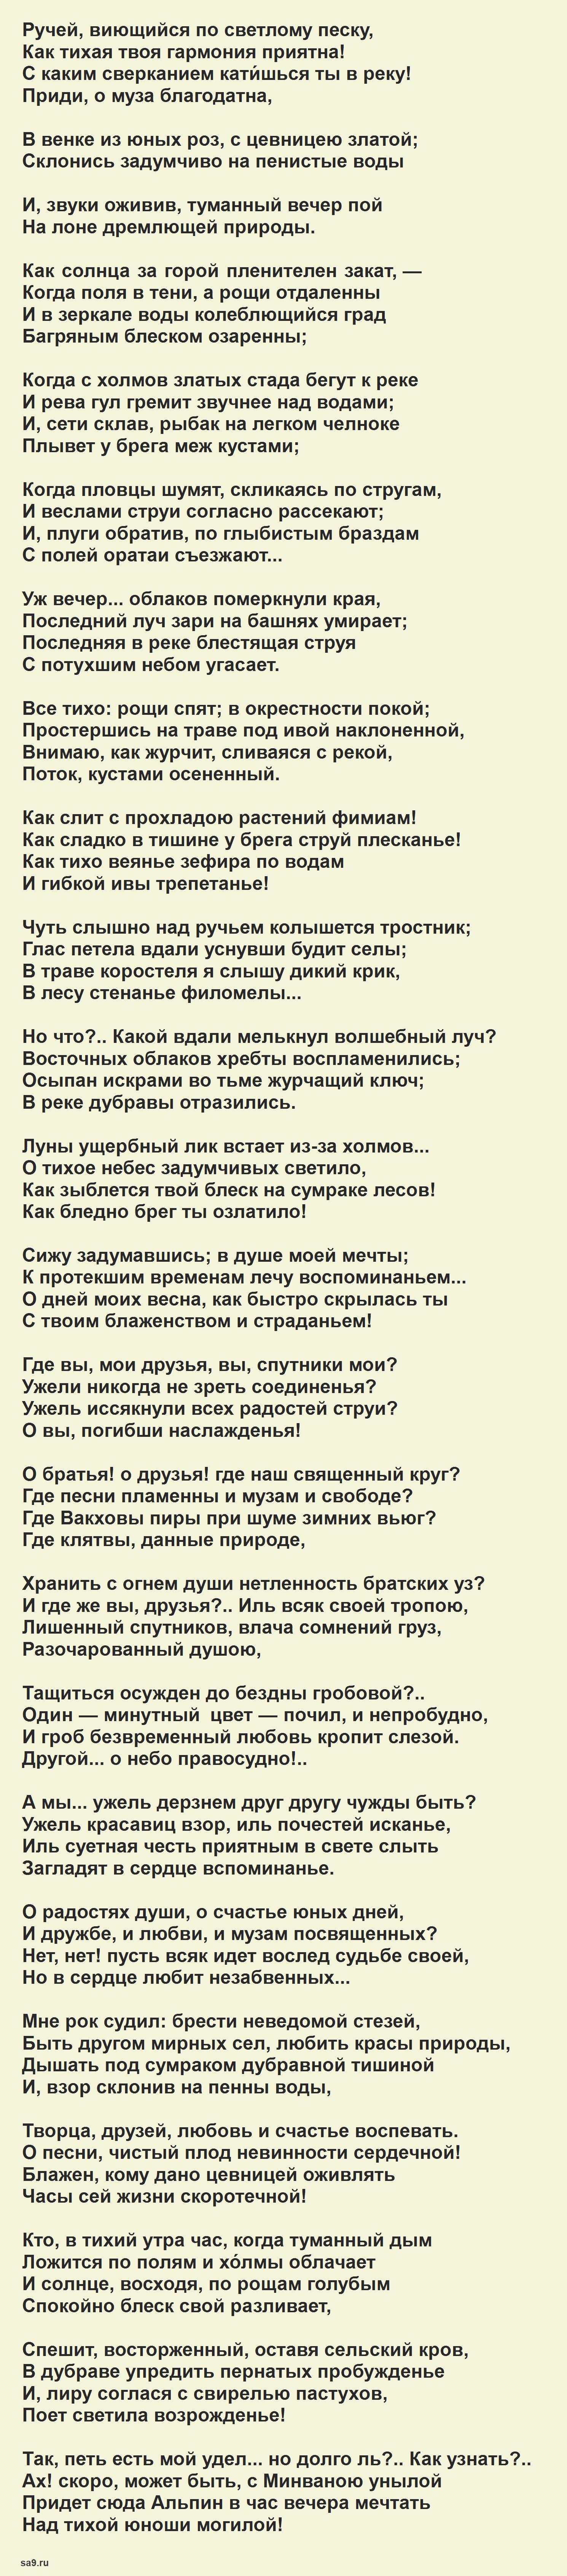 Стих Вечер Жуковский